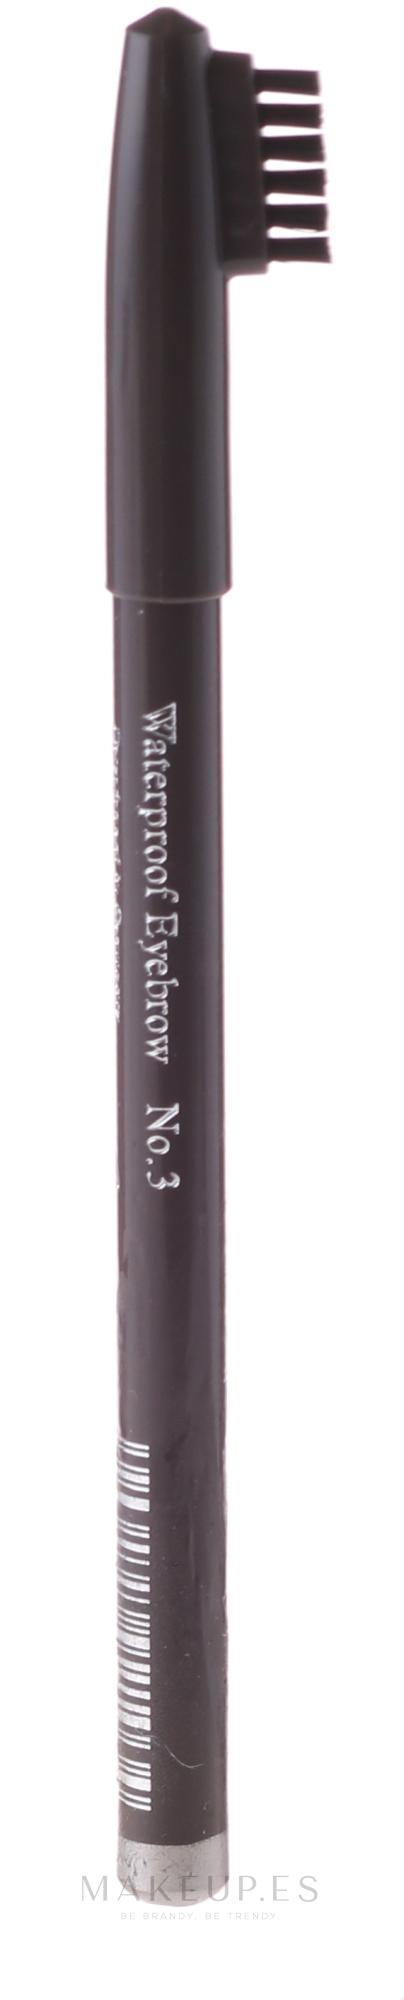 Lápiz de cejas con cepillo - Mon Ami Eyebrow Pencil  — imagen 01 - Pizarra